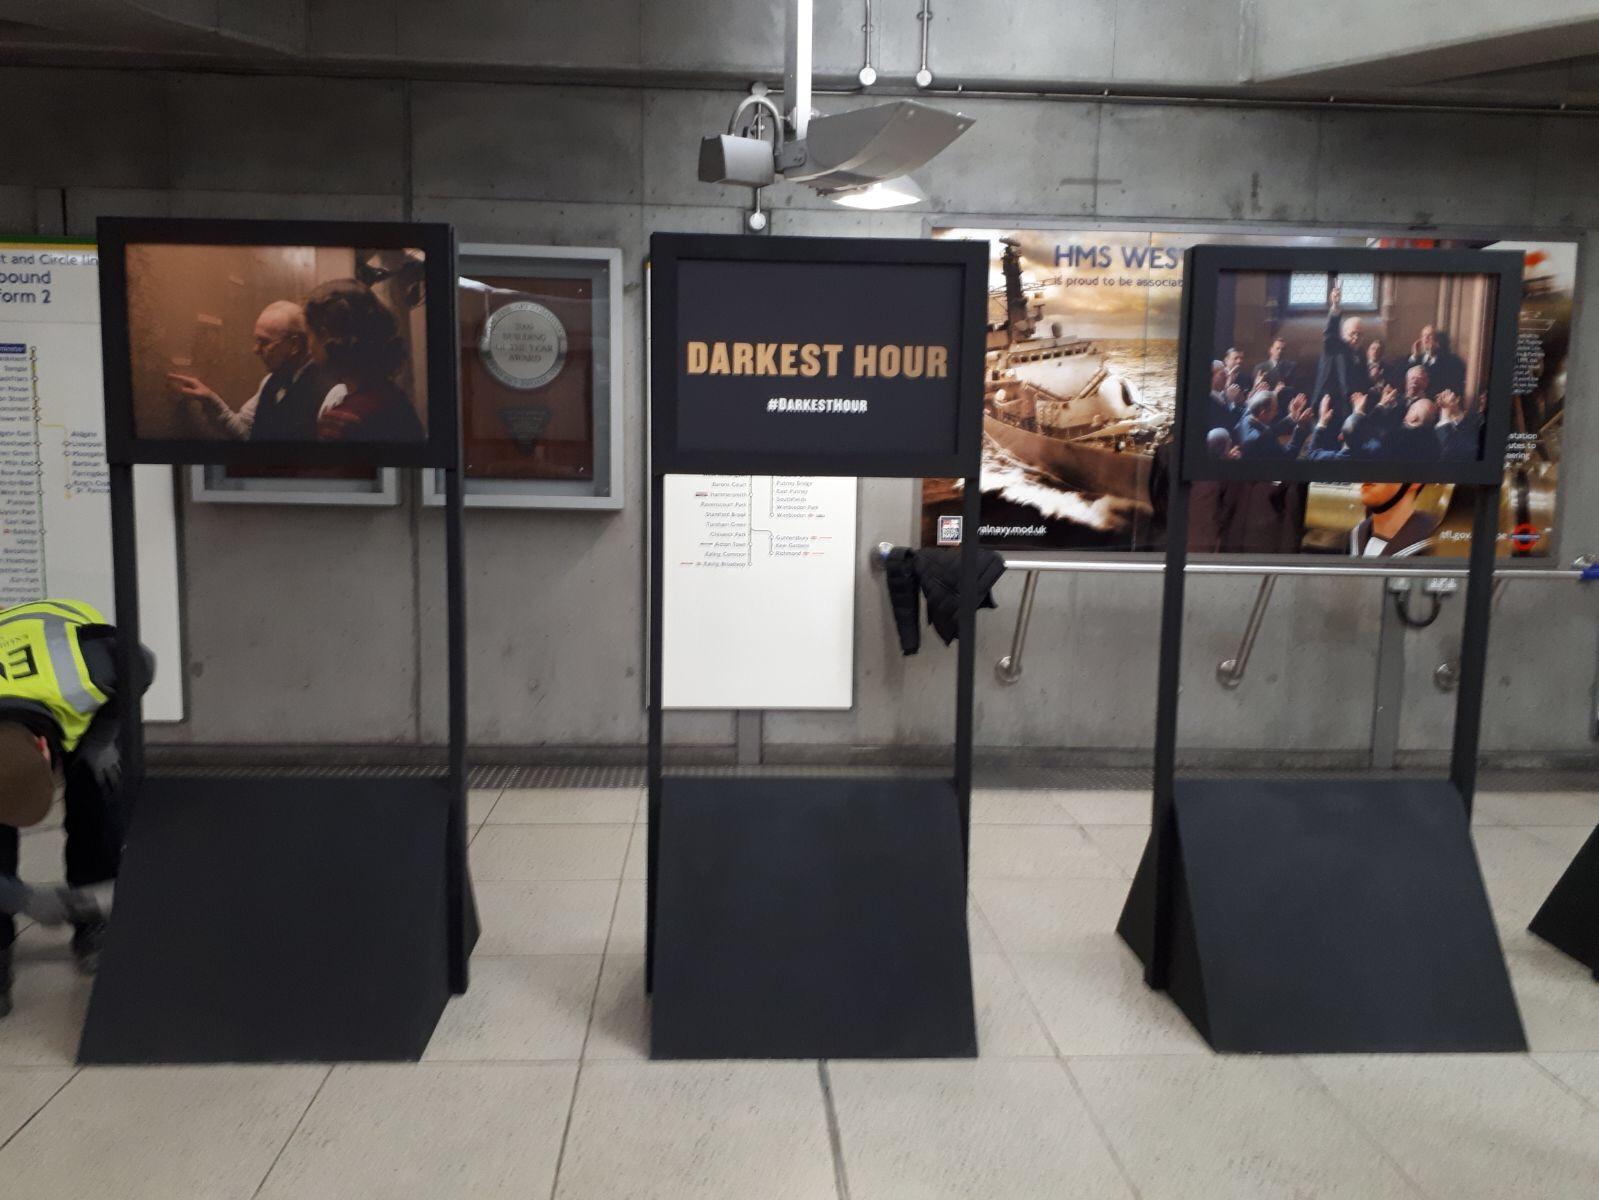 Black frame advertising panels